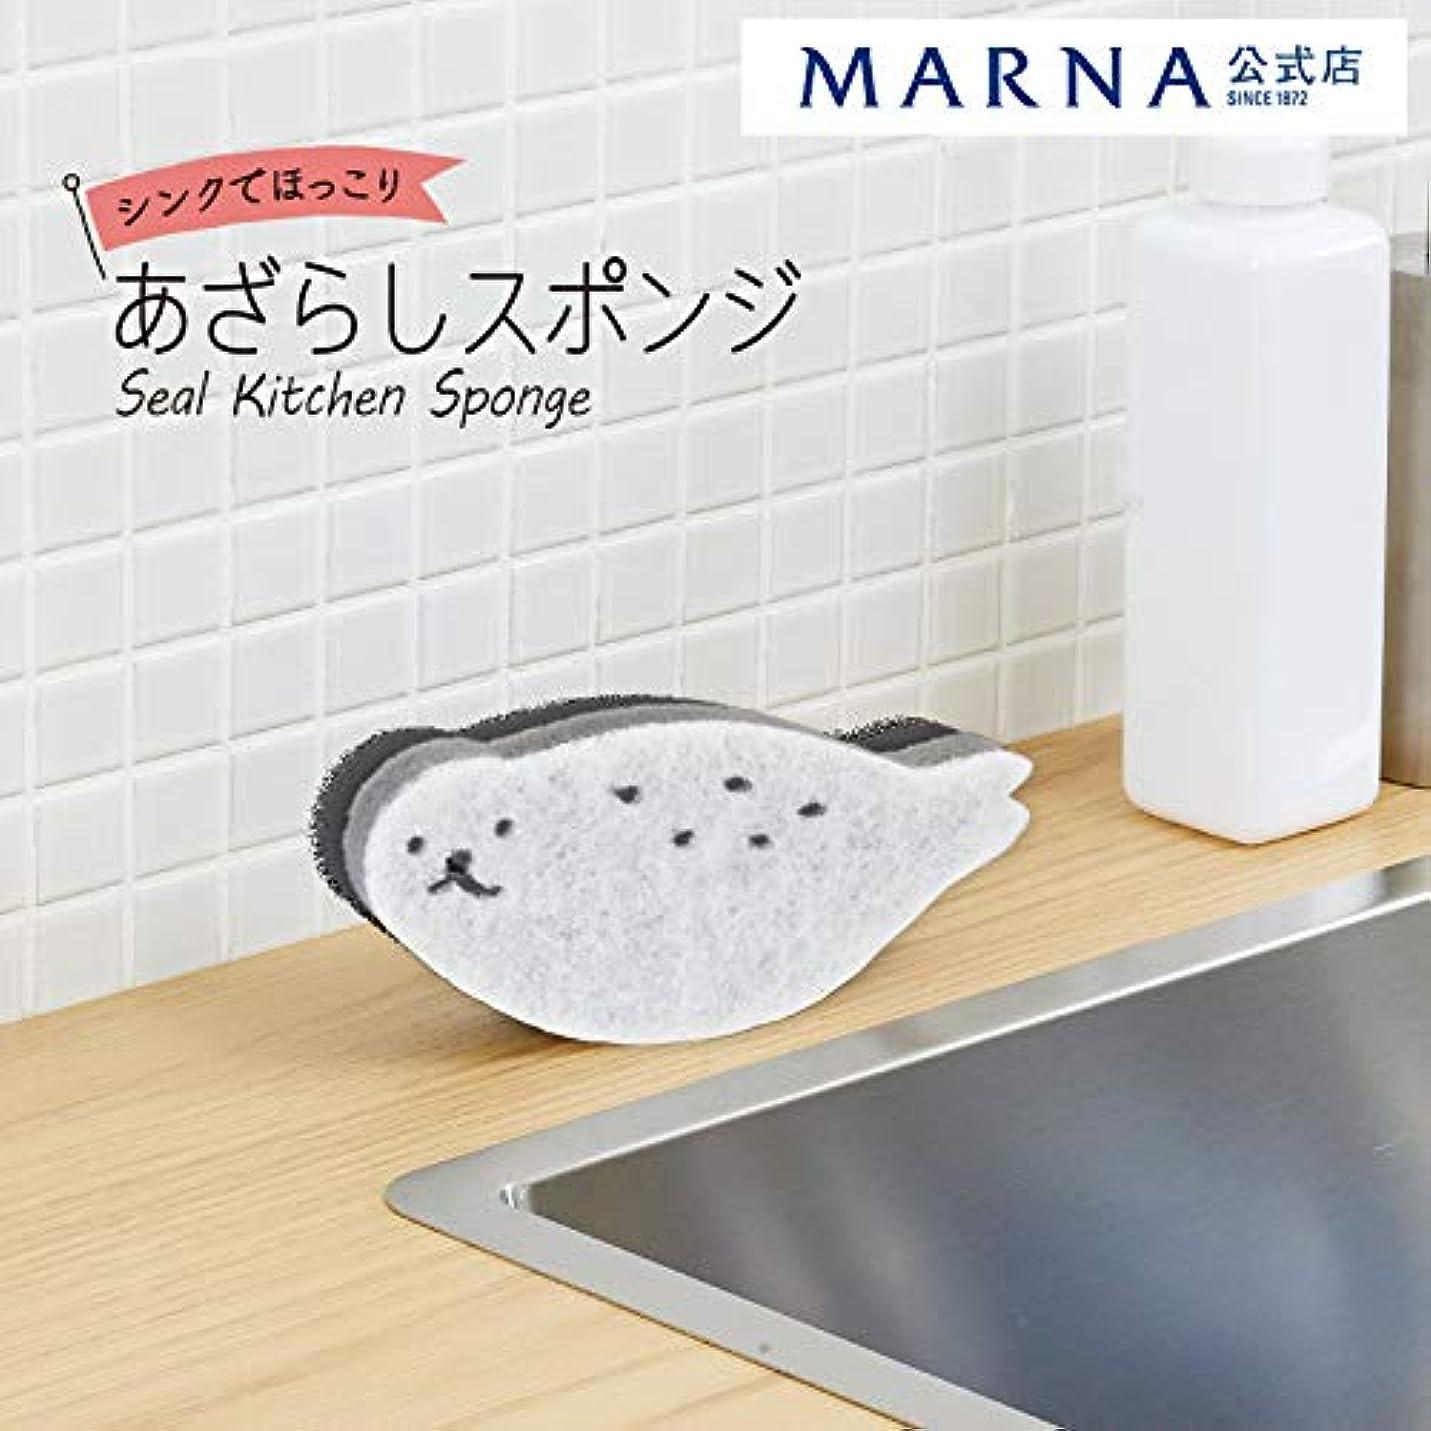 発見上へ閃光マーナ(Marna) キッチンスポンジ ホワイト 14.3x6.6x3.5cm あざらし K700W